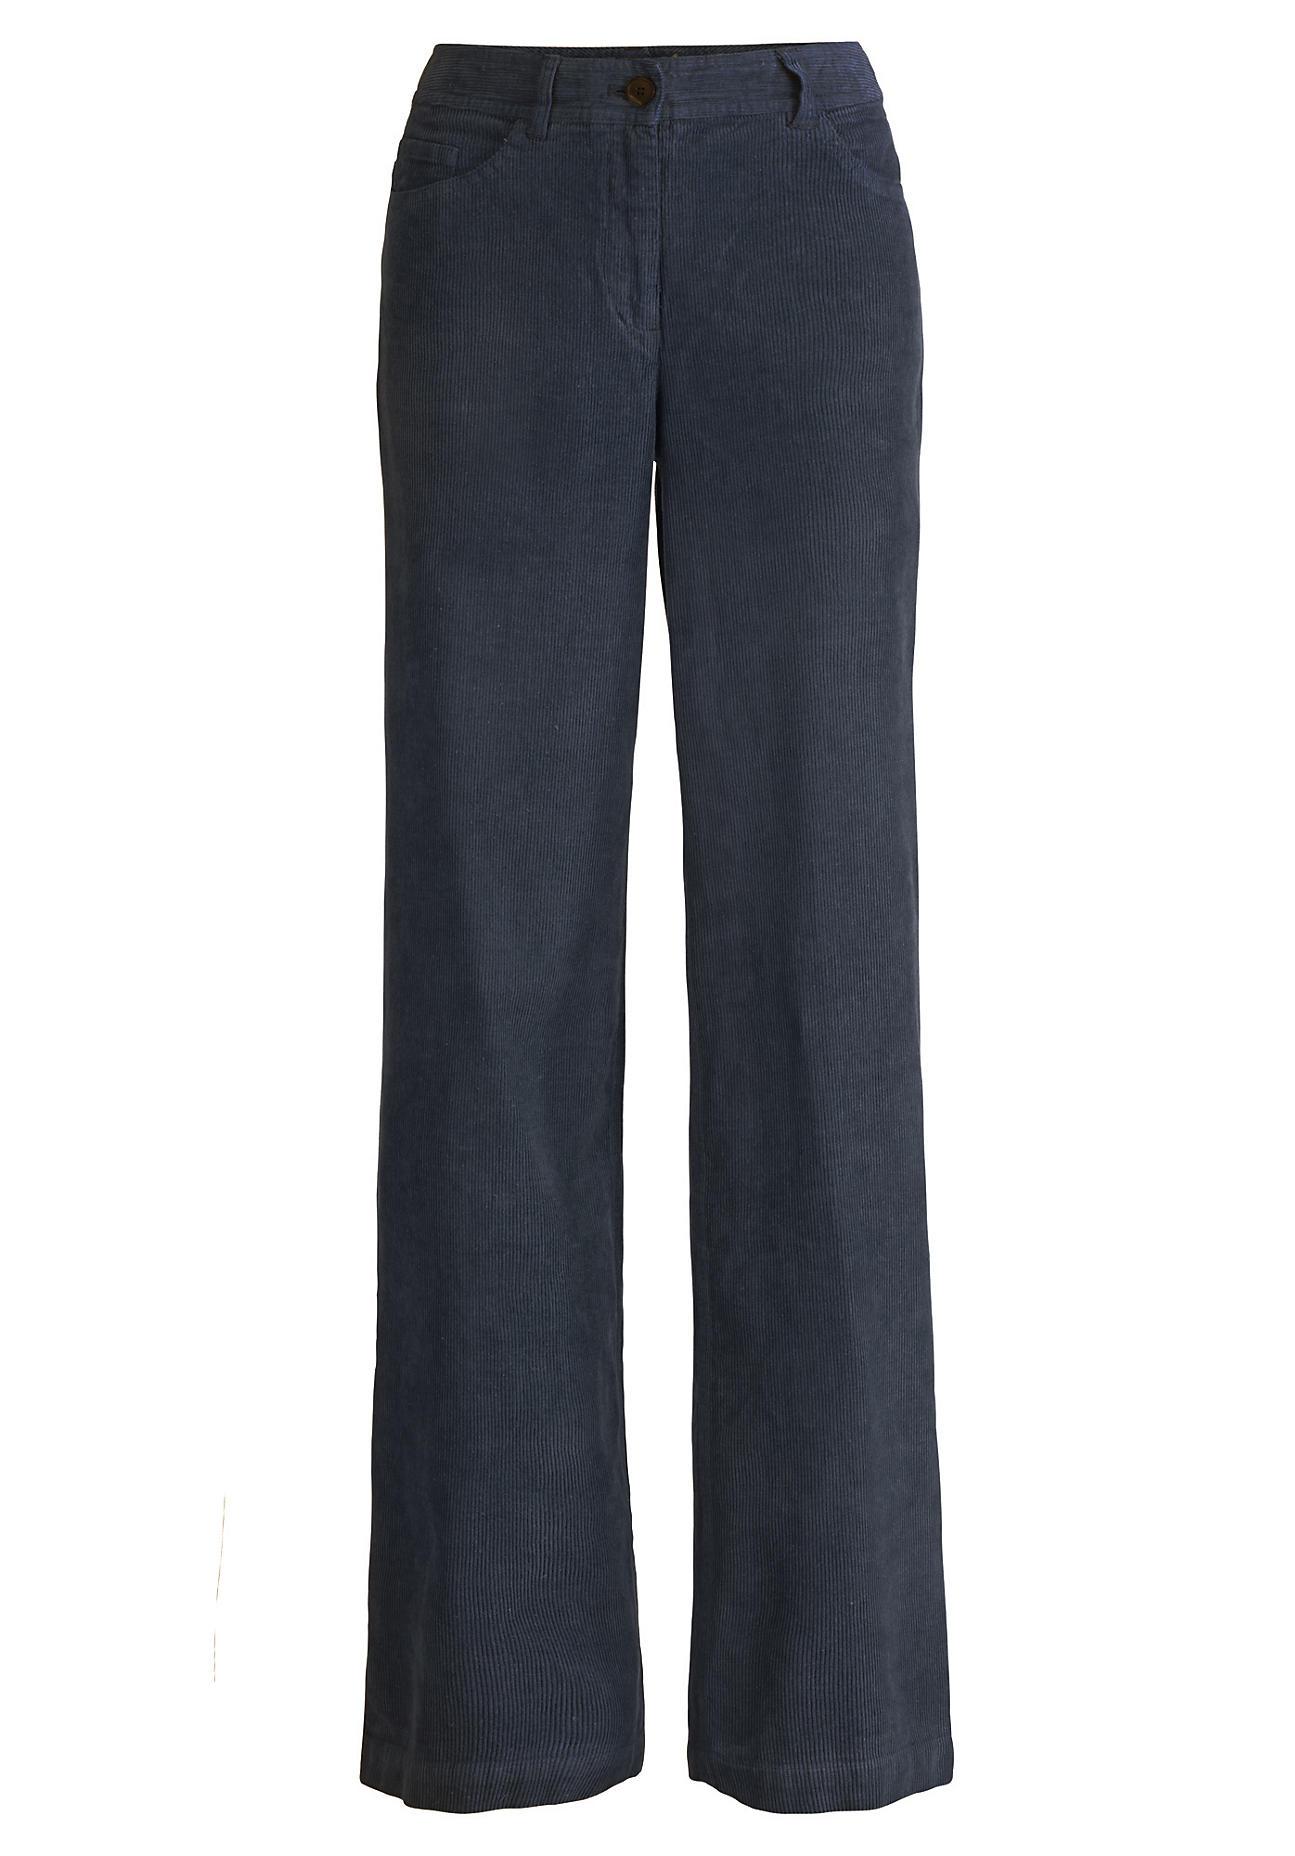 Hosen für Frauen - hessnatur Damen Cord Hose aus Hanf mit Bio Baumwolle – blau –  - Onlineshop Hessnatur